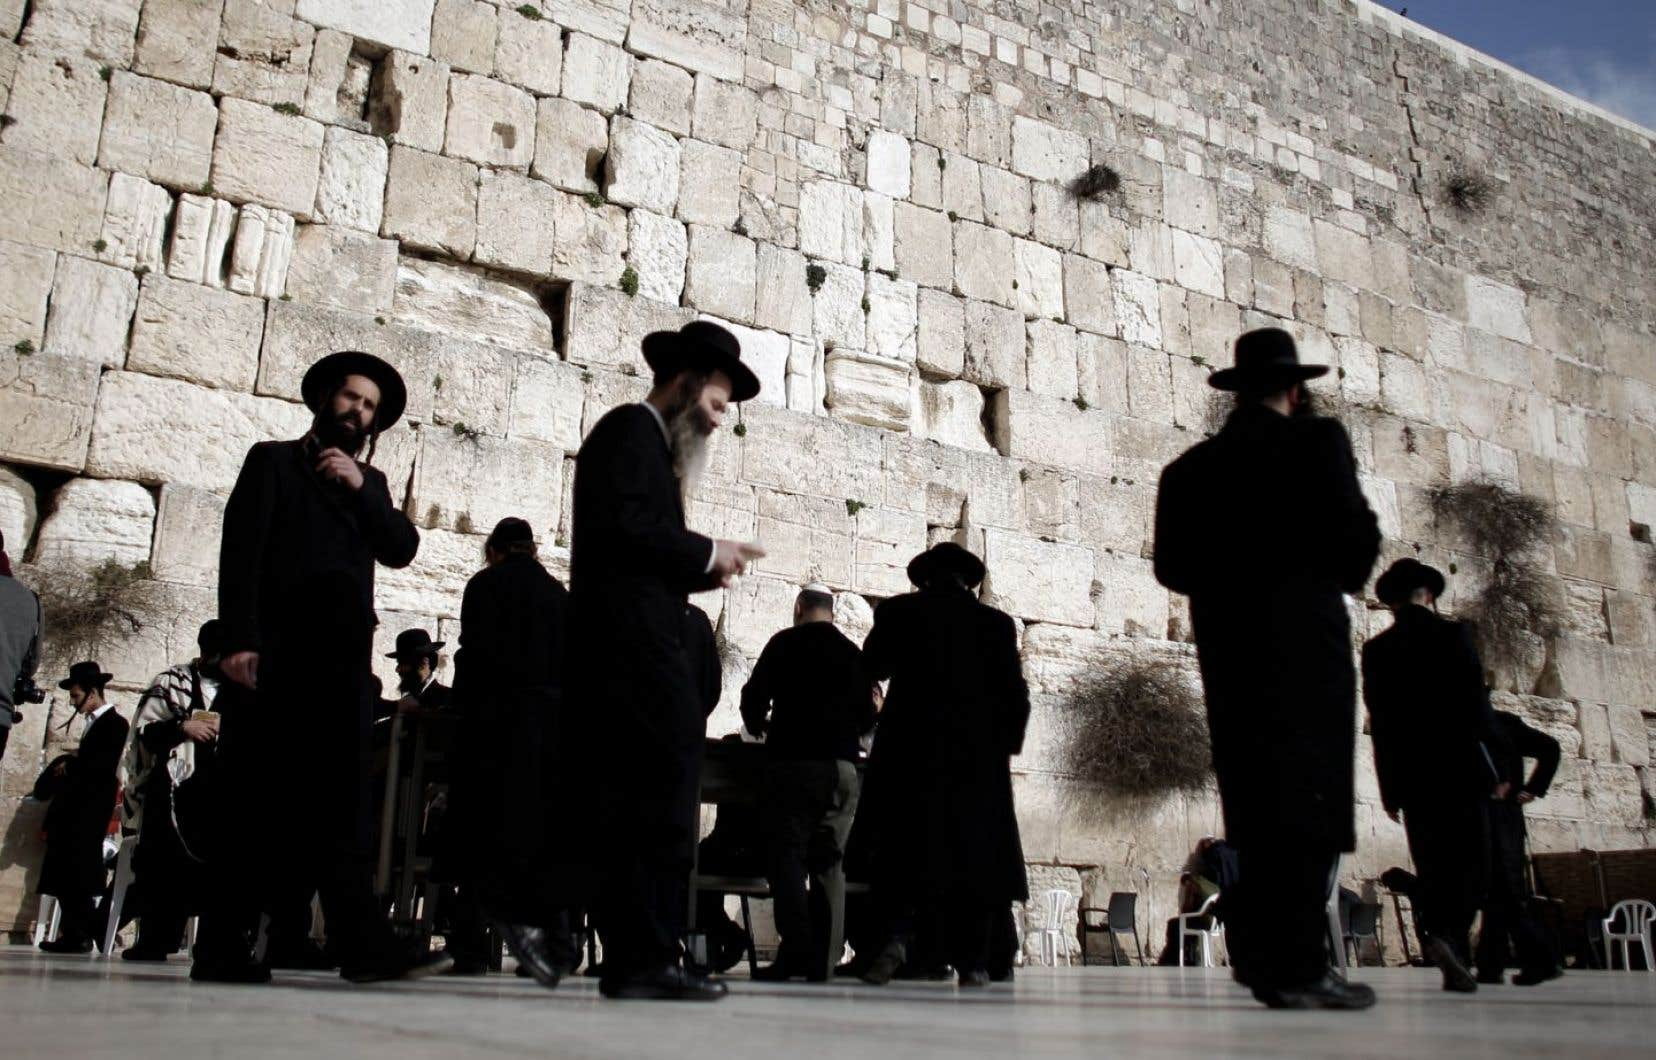 Des hommes issus de la communauté juive ultraorthodoxe prient au mur des Lamentations. Le lieu de prière est actuellement ségrégué entre espaces réservés aux hommes et aux femmes.